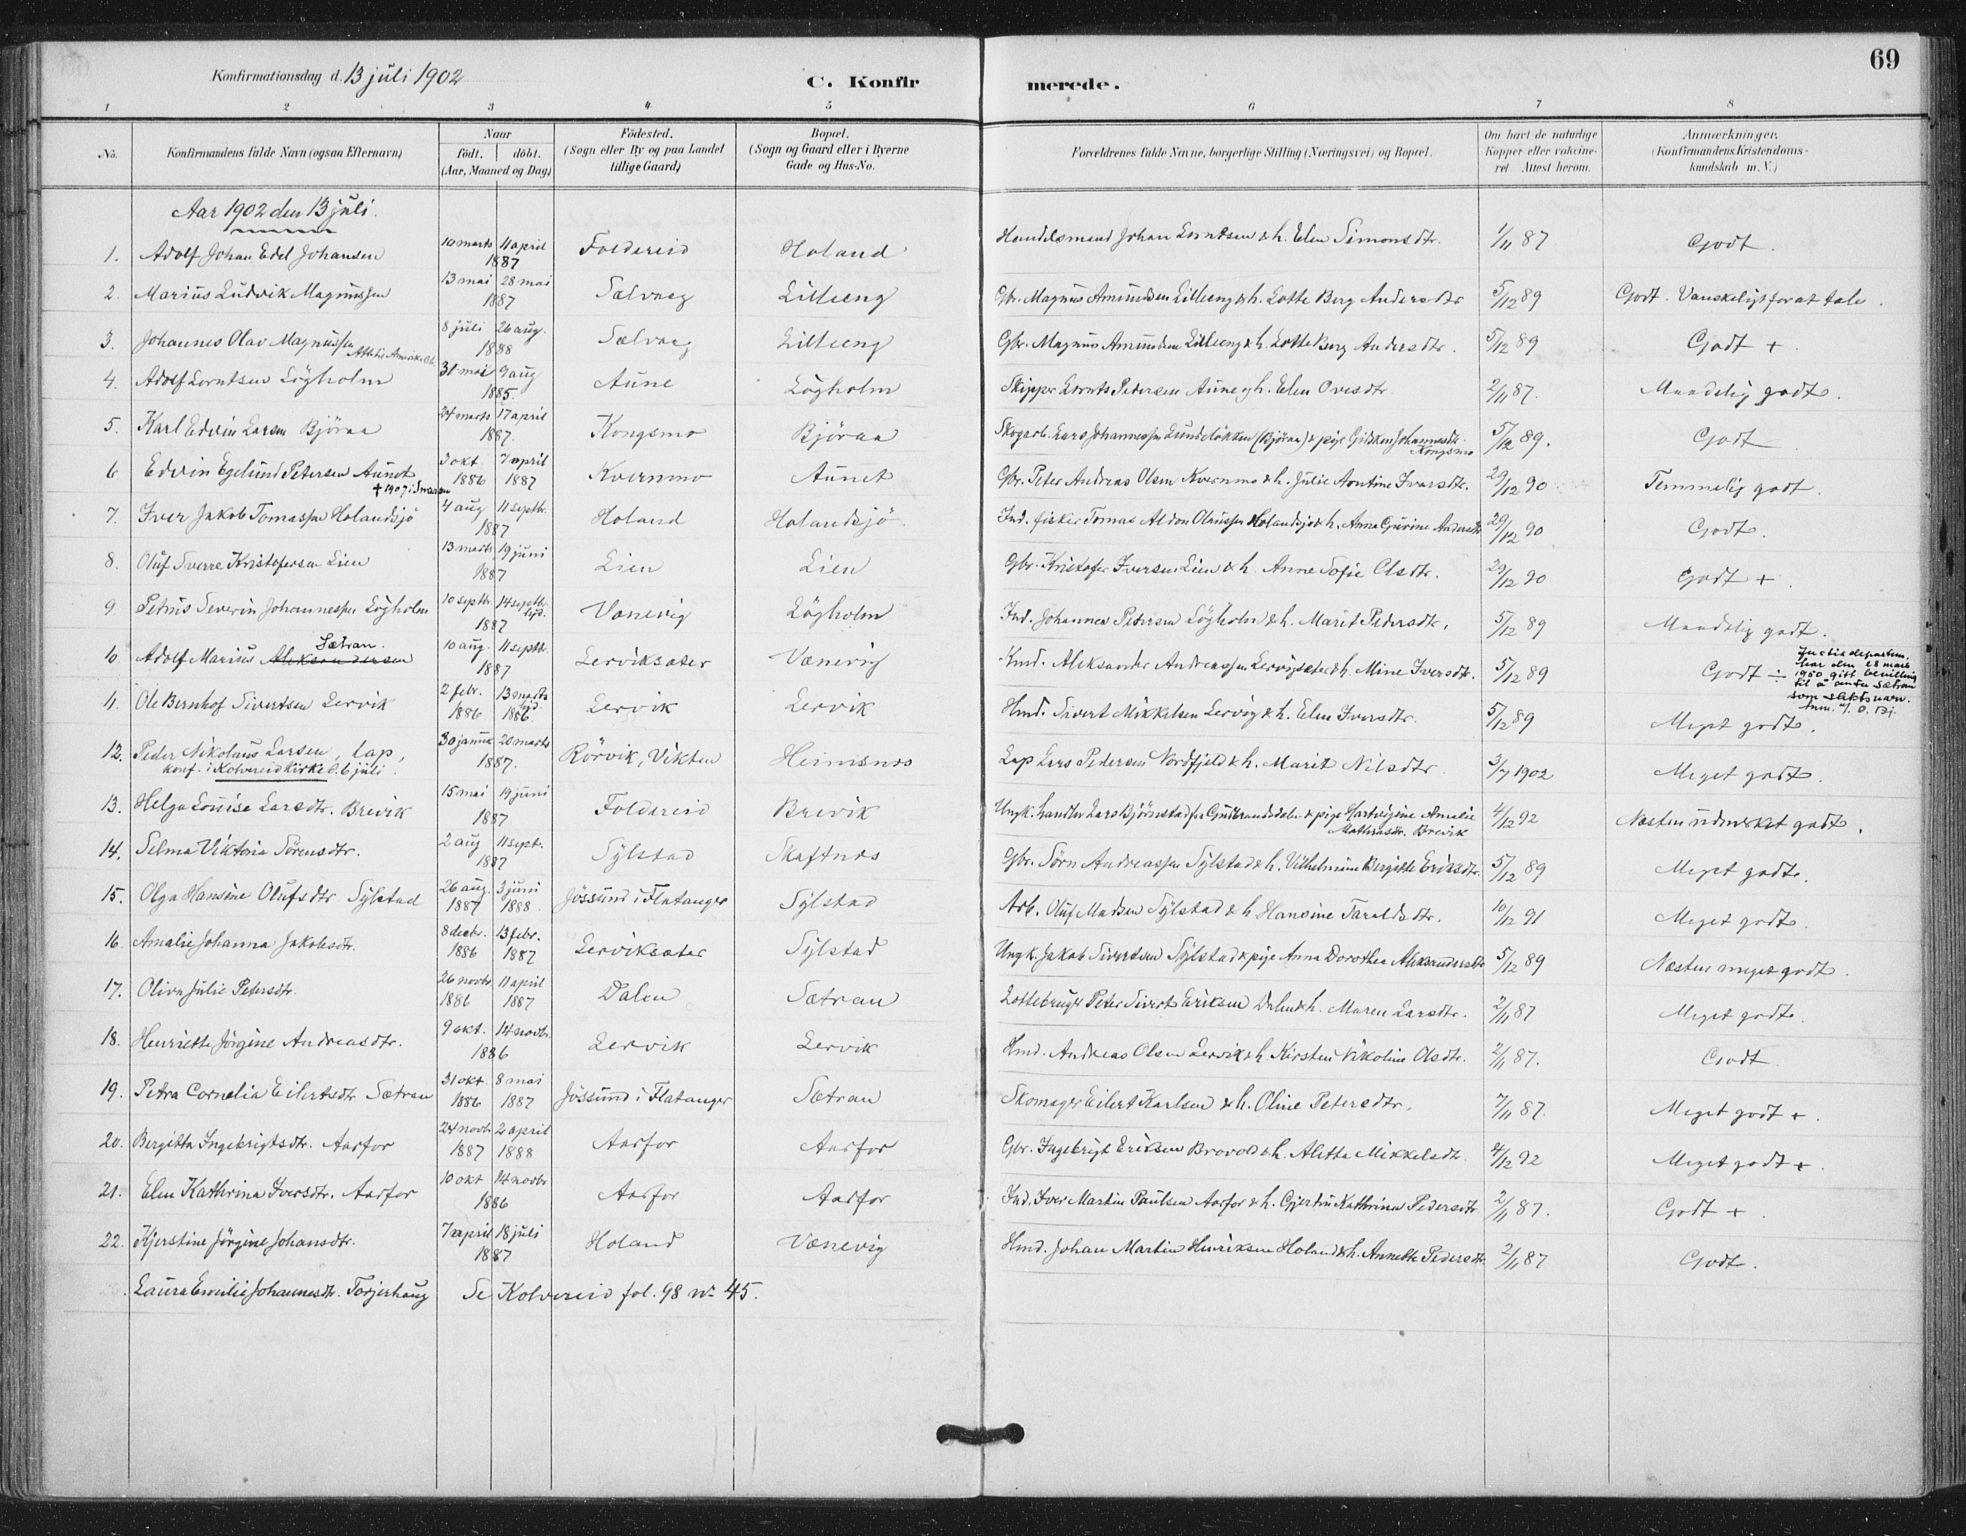 SAT, Ministerialprotokoller, klokkerbøker og fødselsregistre - Nord-Trøndelag, 783/L0660: Ministerialbok nr. 783A02, 1886-1918, s. 69